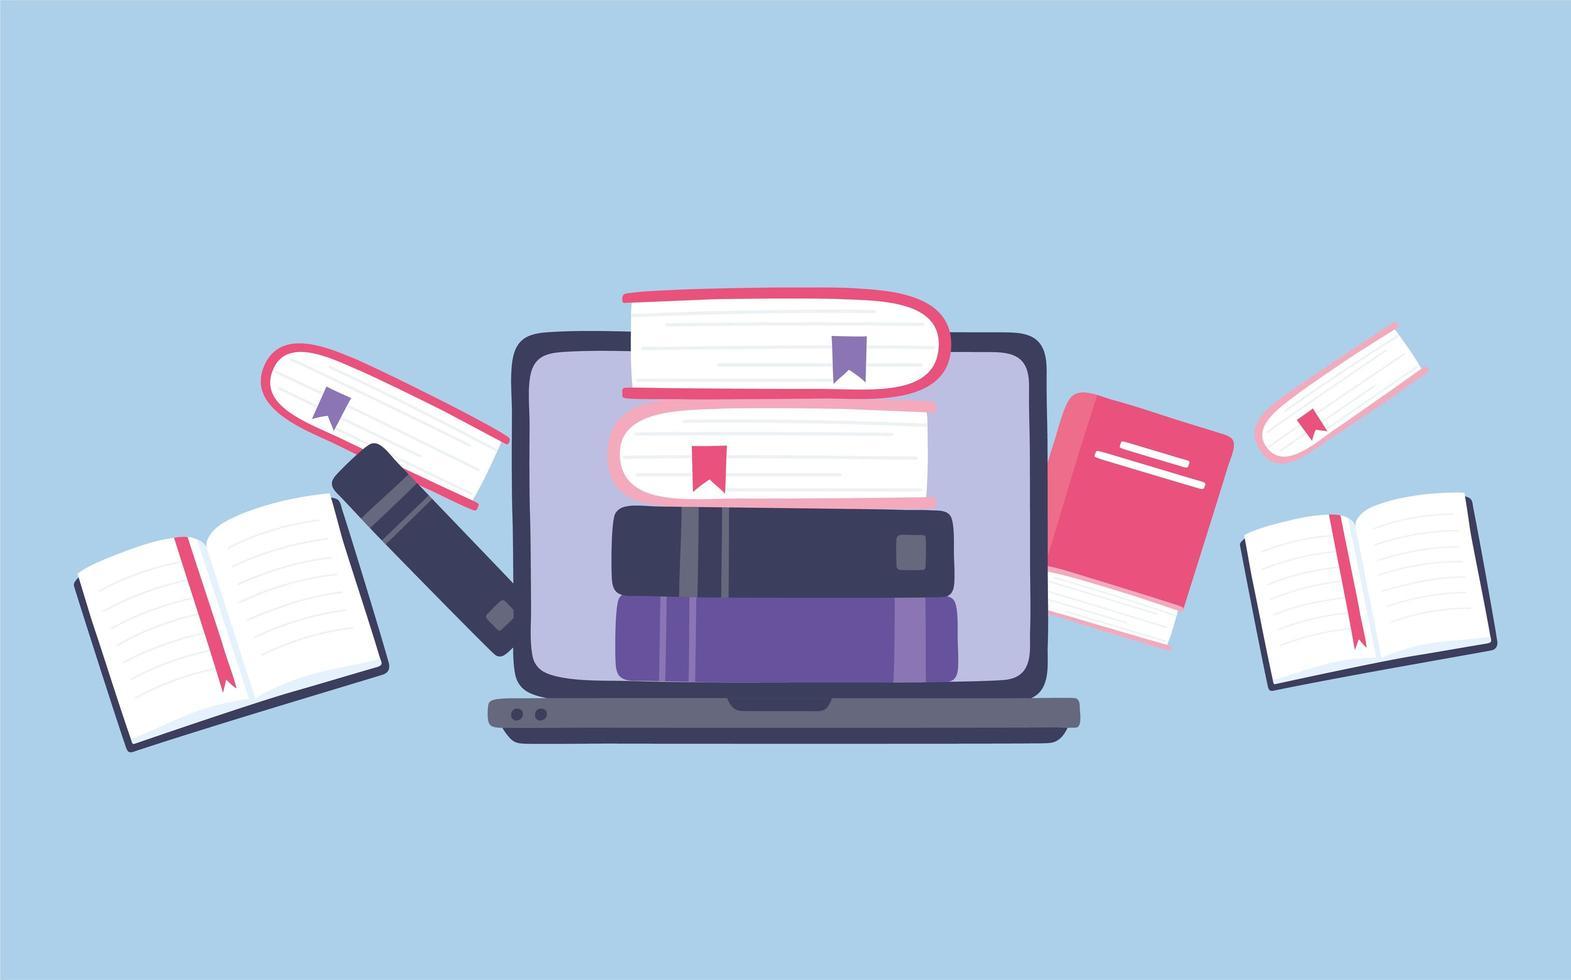 la formation en ligne. éducation sur ordinateur portable et livres vecteur